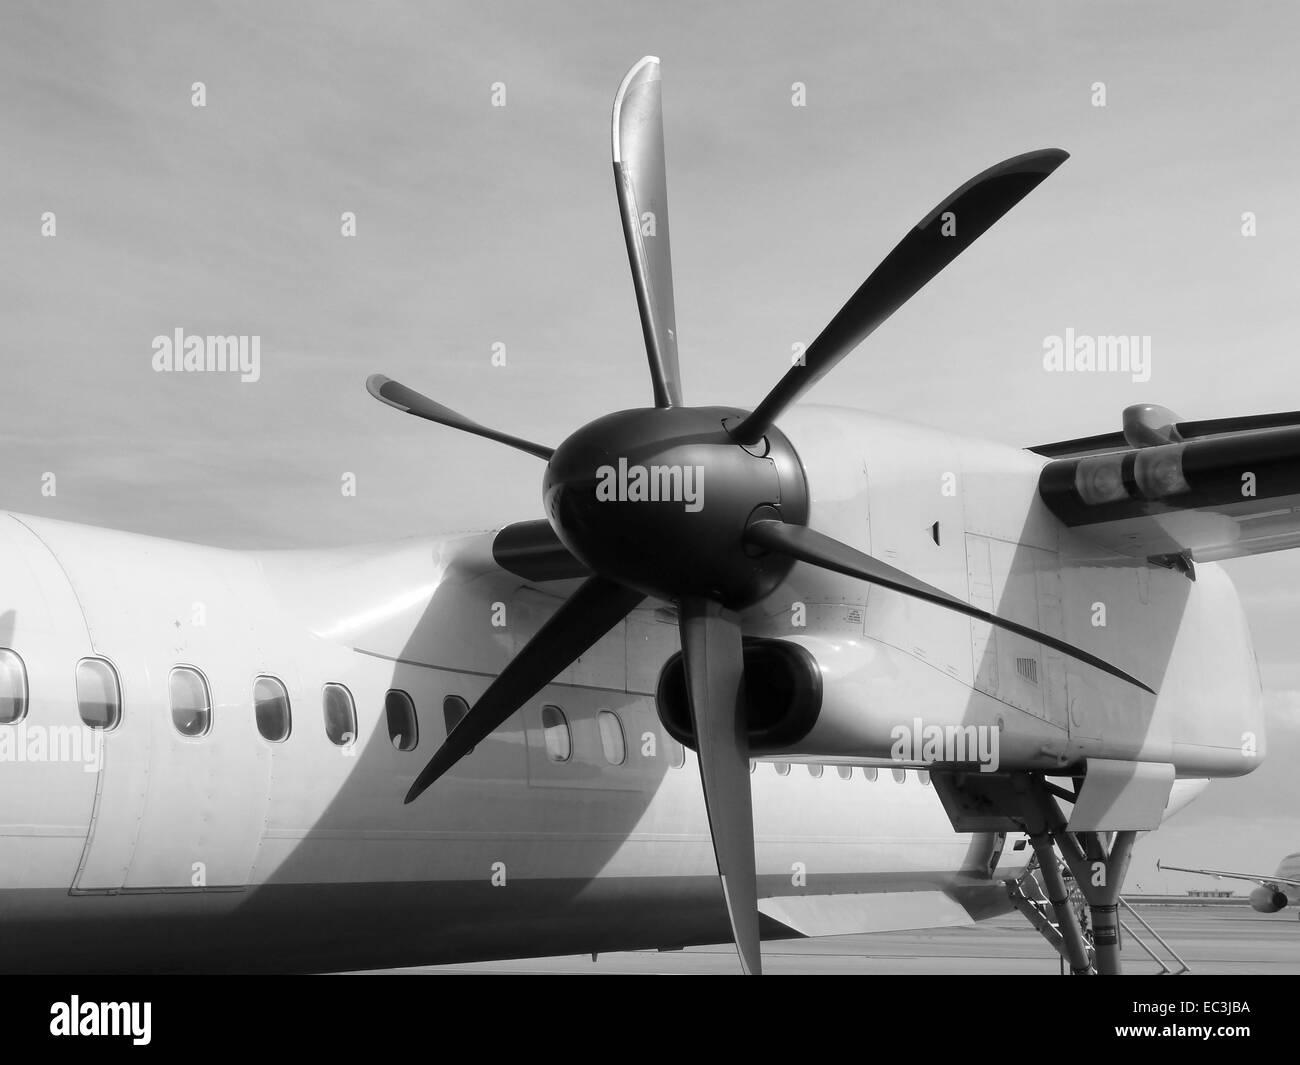 Close-up of an aircraft propeller. - Stock Image